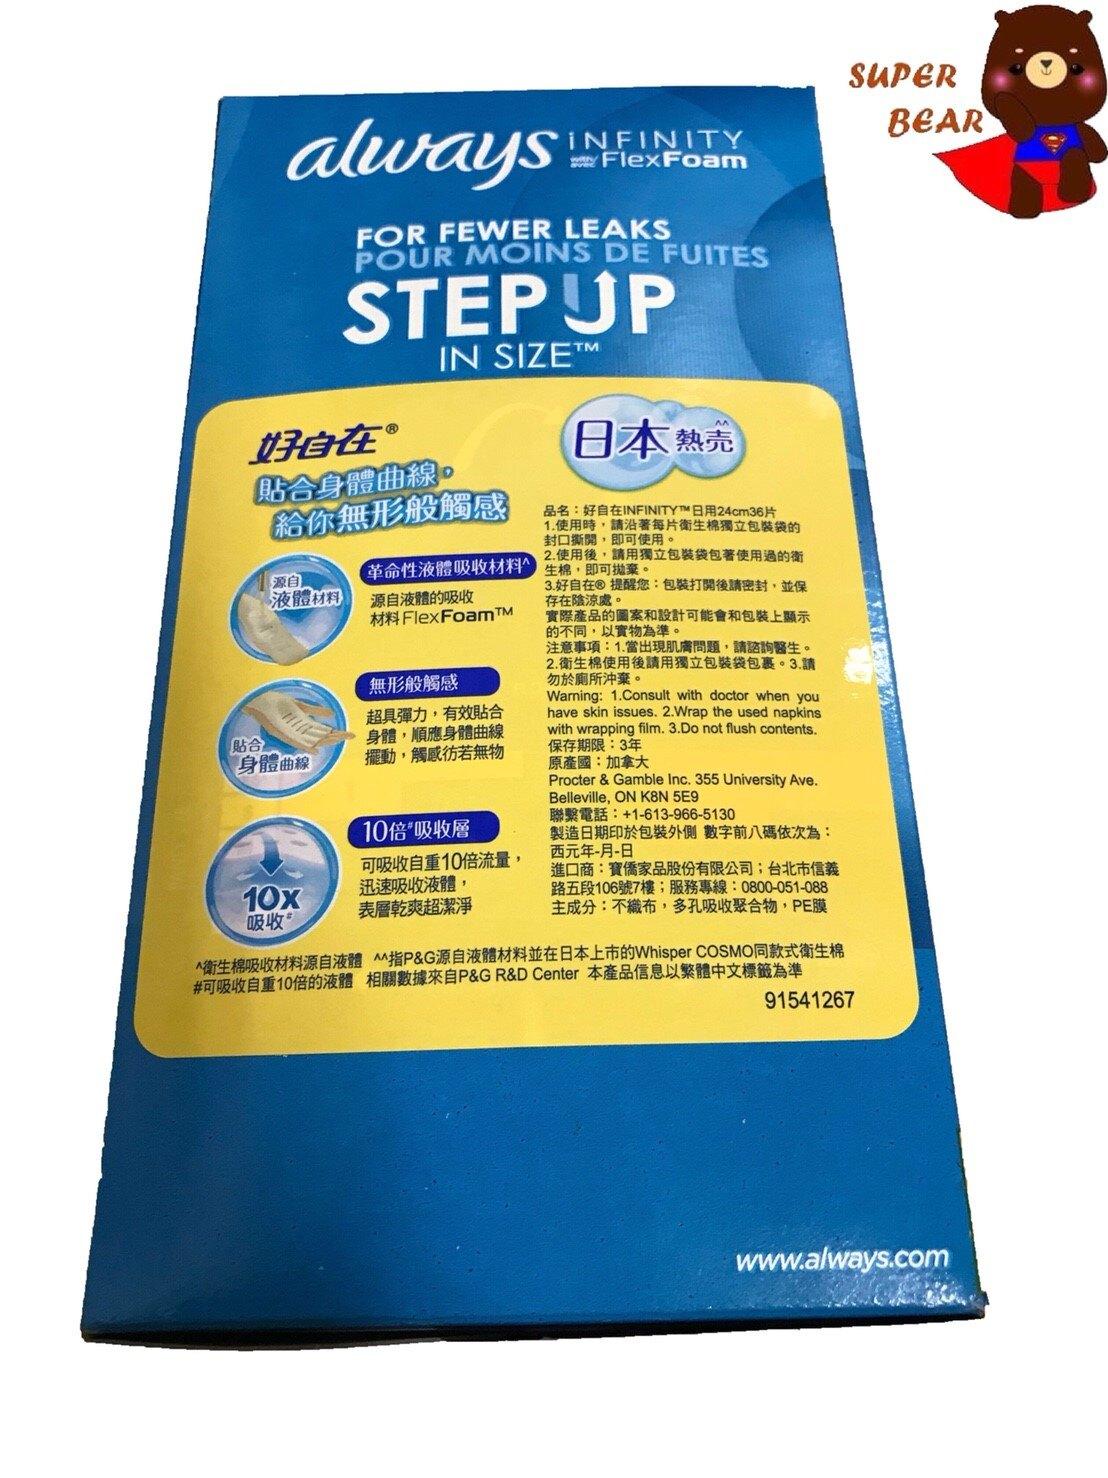 衛生棉 好自在 液體衛生棉 24CM 36片 日用 夜用 棉條 液體衛生棉 護墊